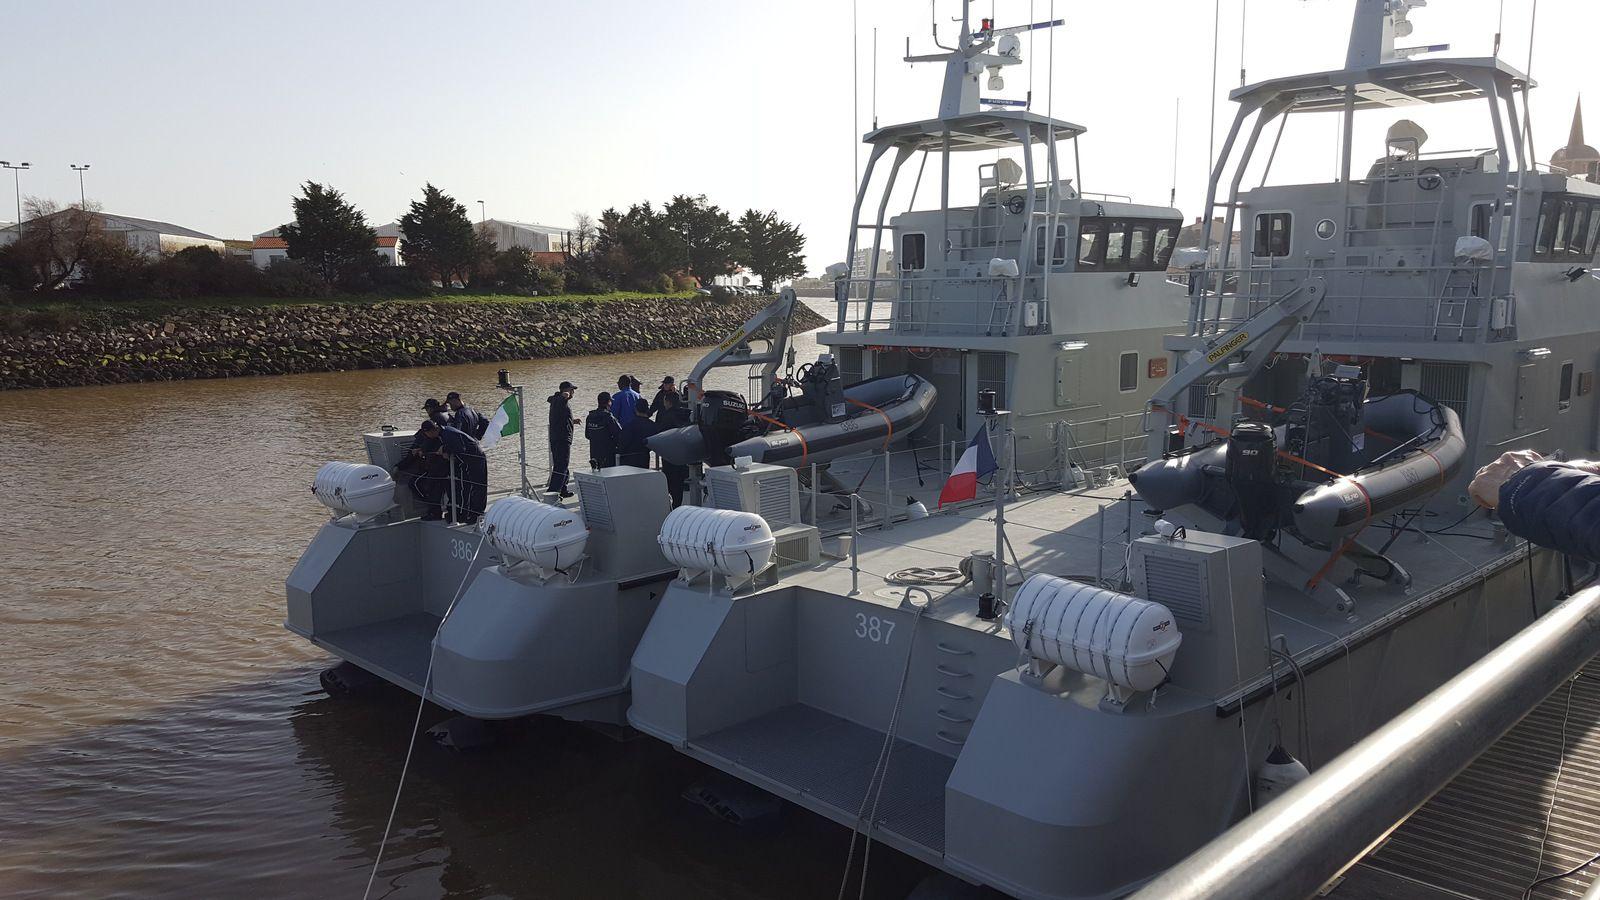 Patrouilleurs dans le port des Sables d'olonne